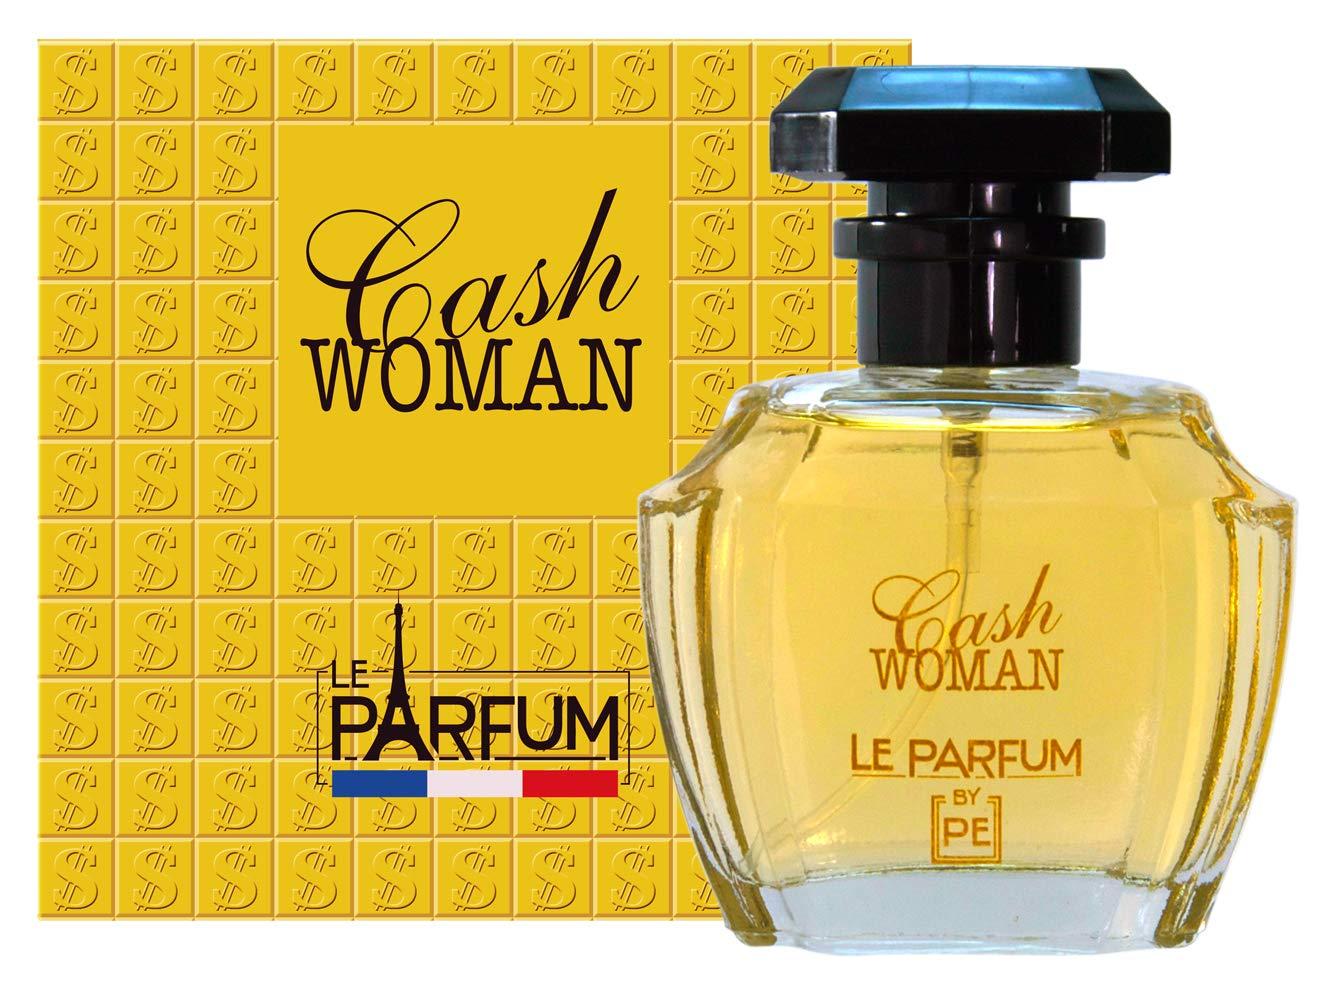 De Eau Parfum France Femme Toilette Ml Le Cash 100 Woman 8n0OvmwN